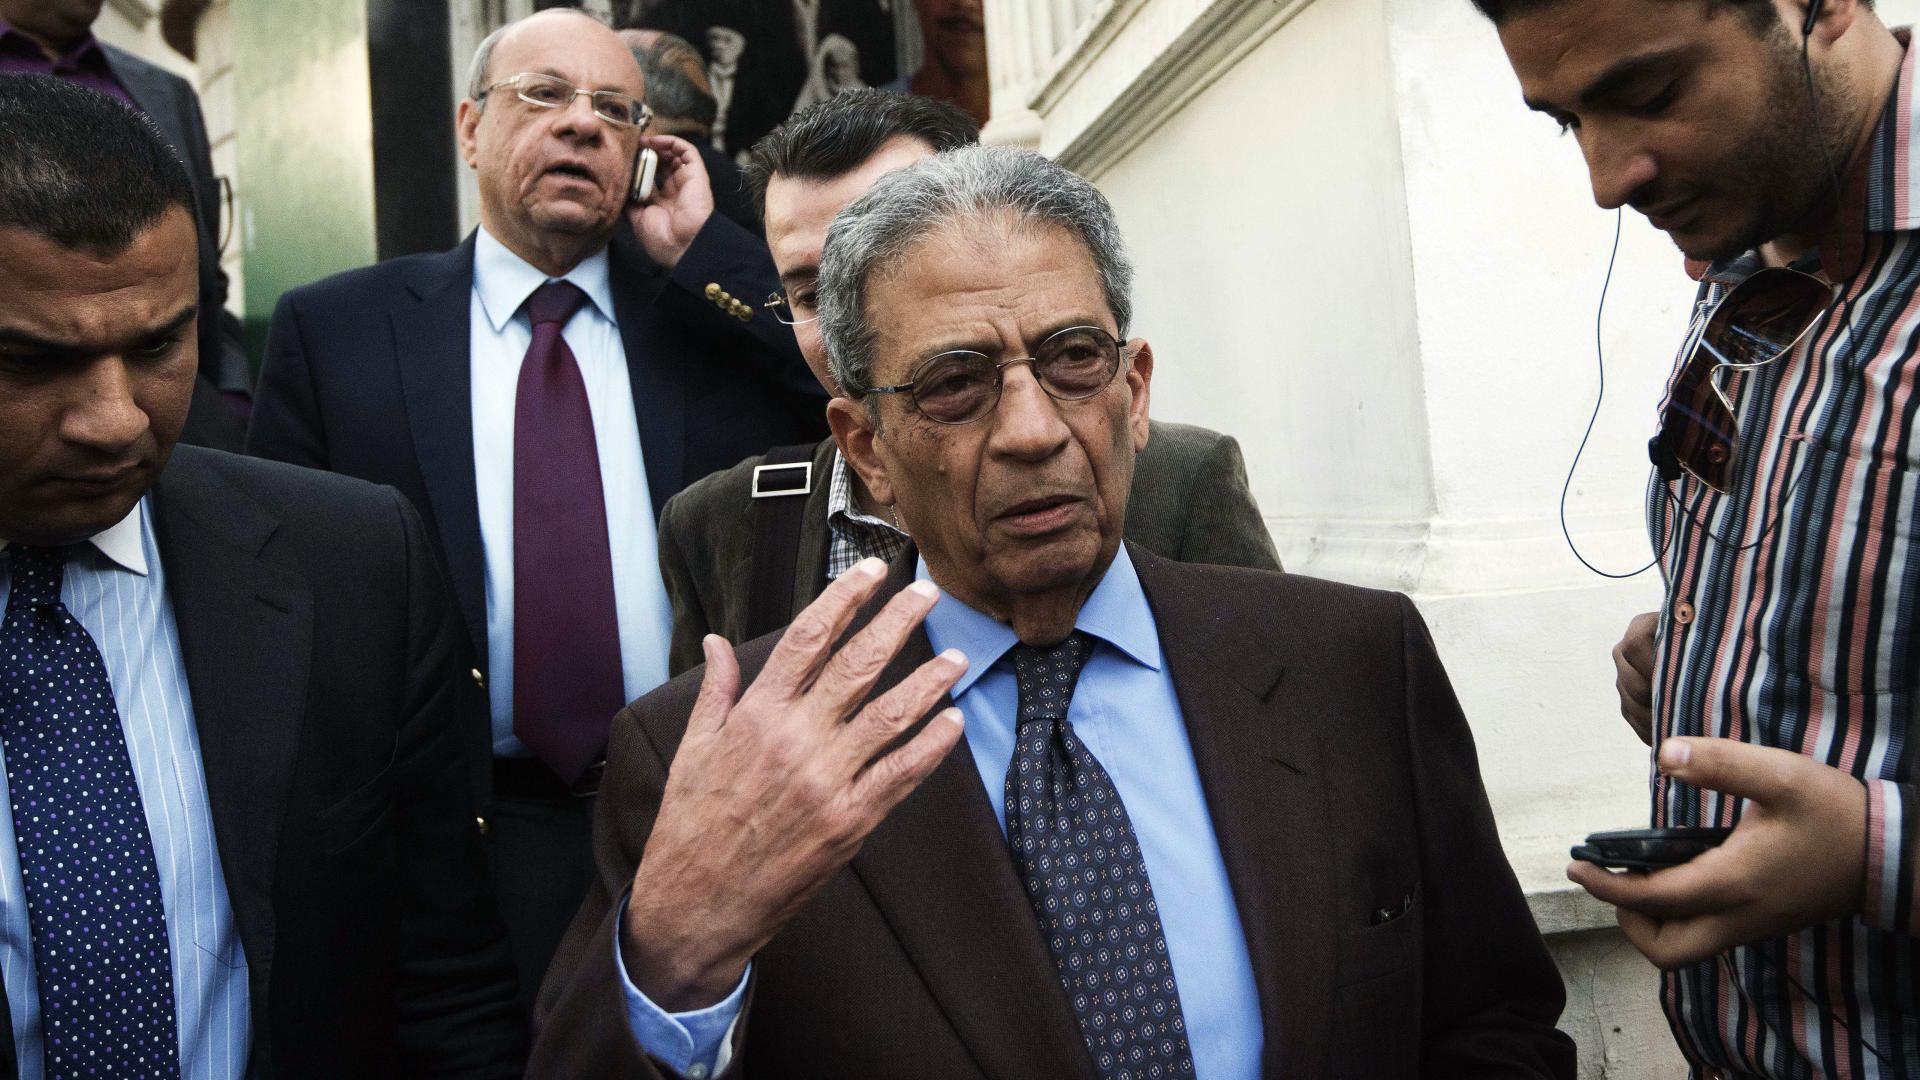 عمرو موسى يتحدث عن سبب عدم قدرته على قبول استمرار حكم الإخوان بمصر